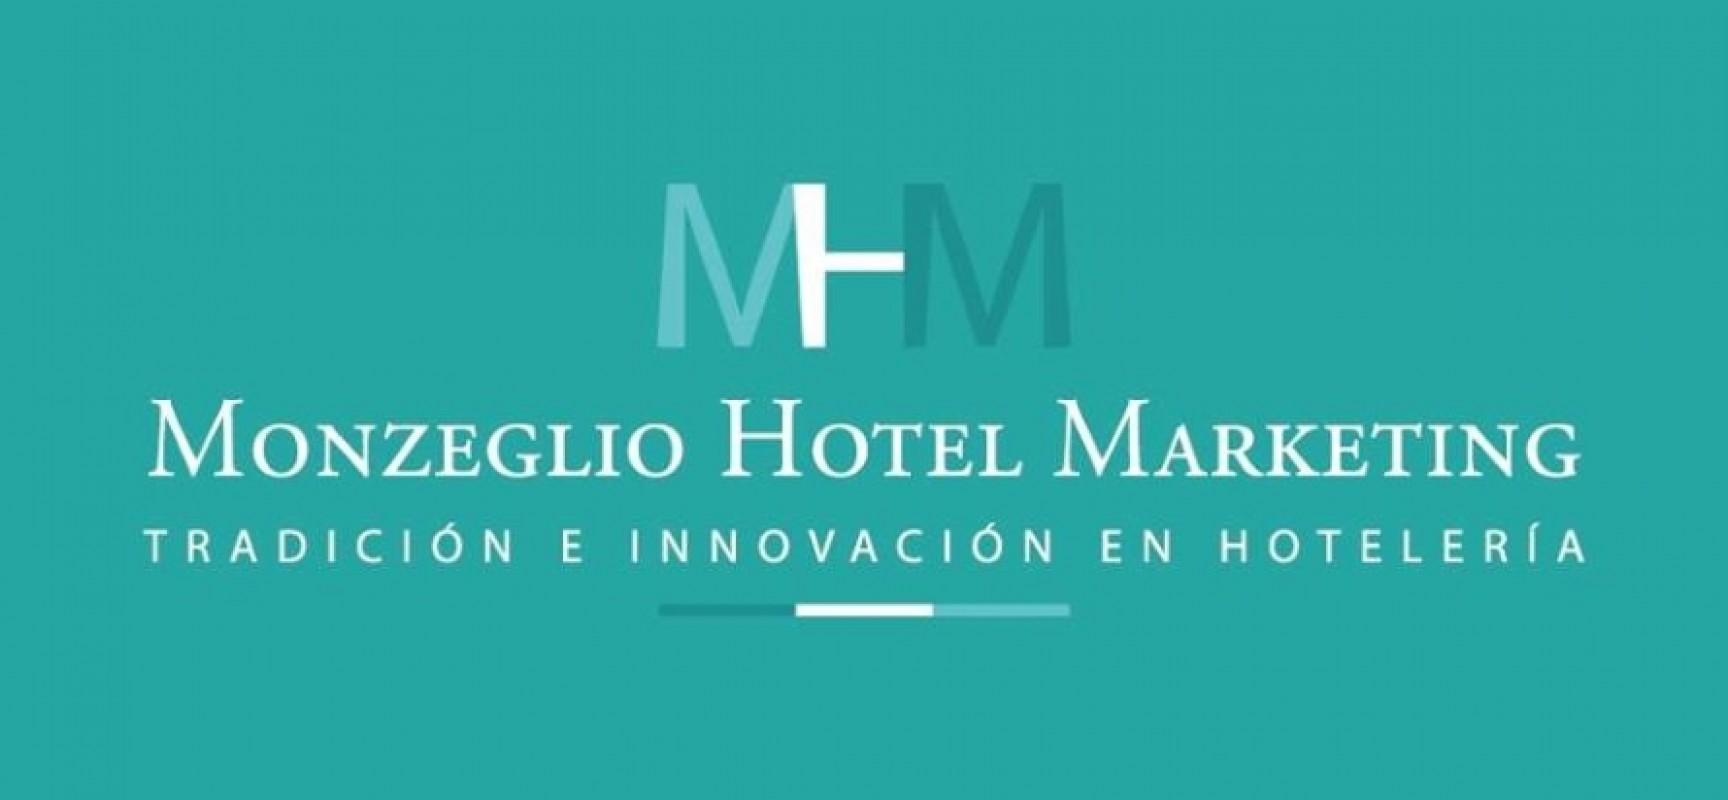 Monzeglio Hotel Marketing, tradición e innovación en hotelería